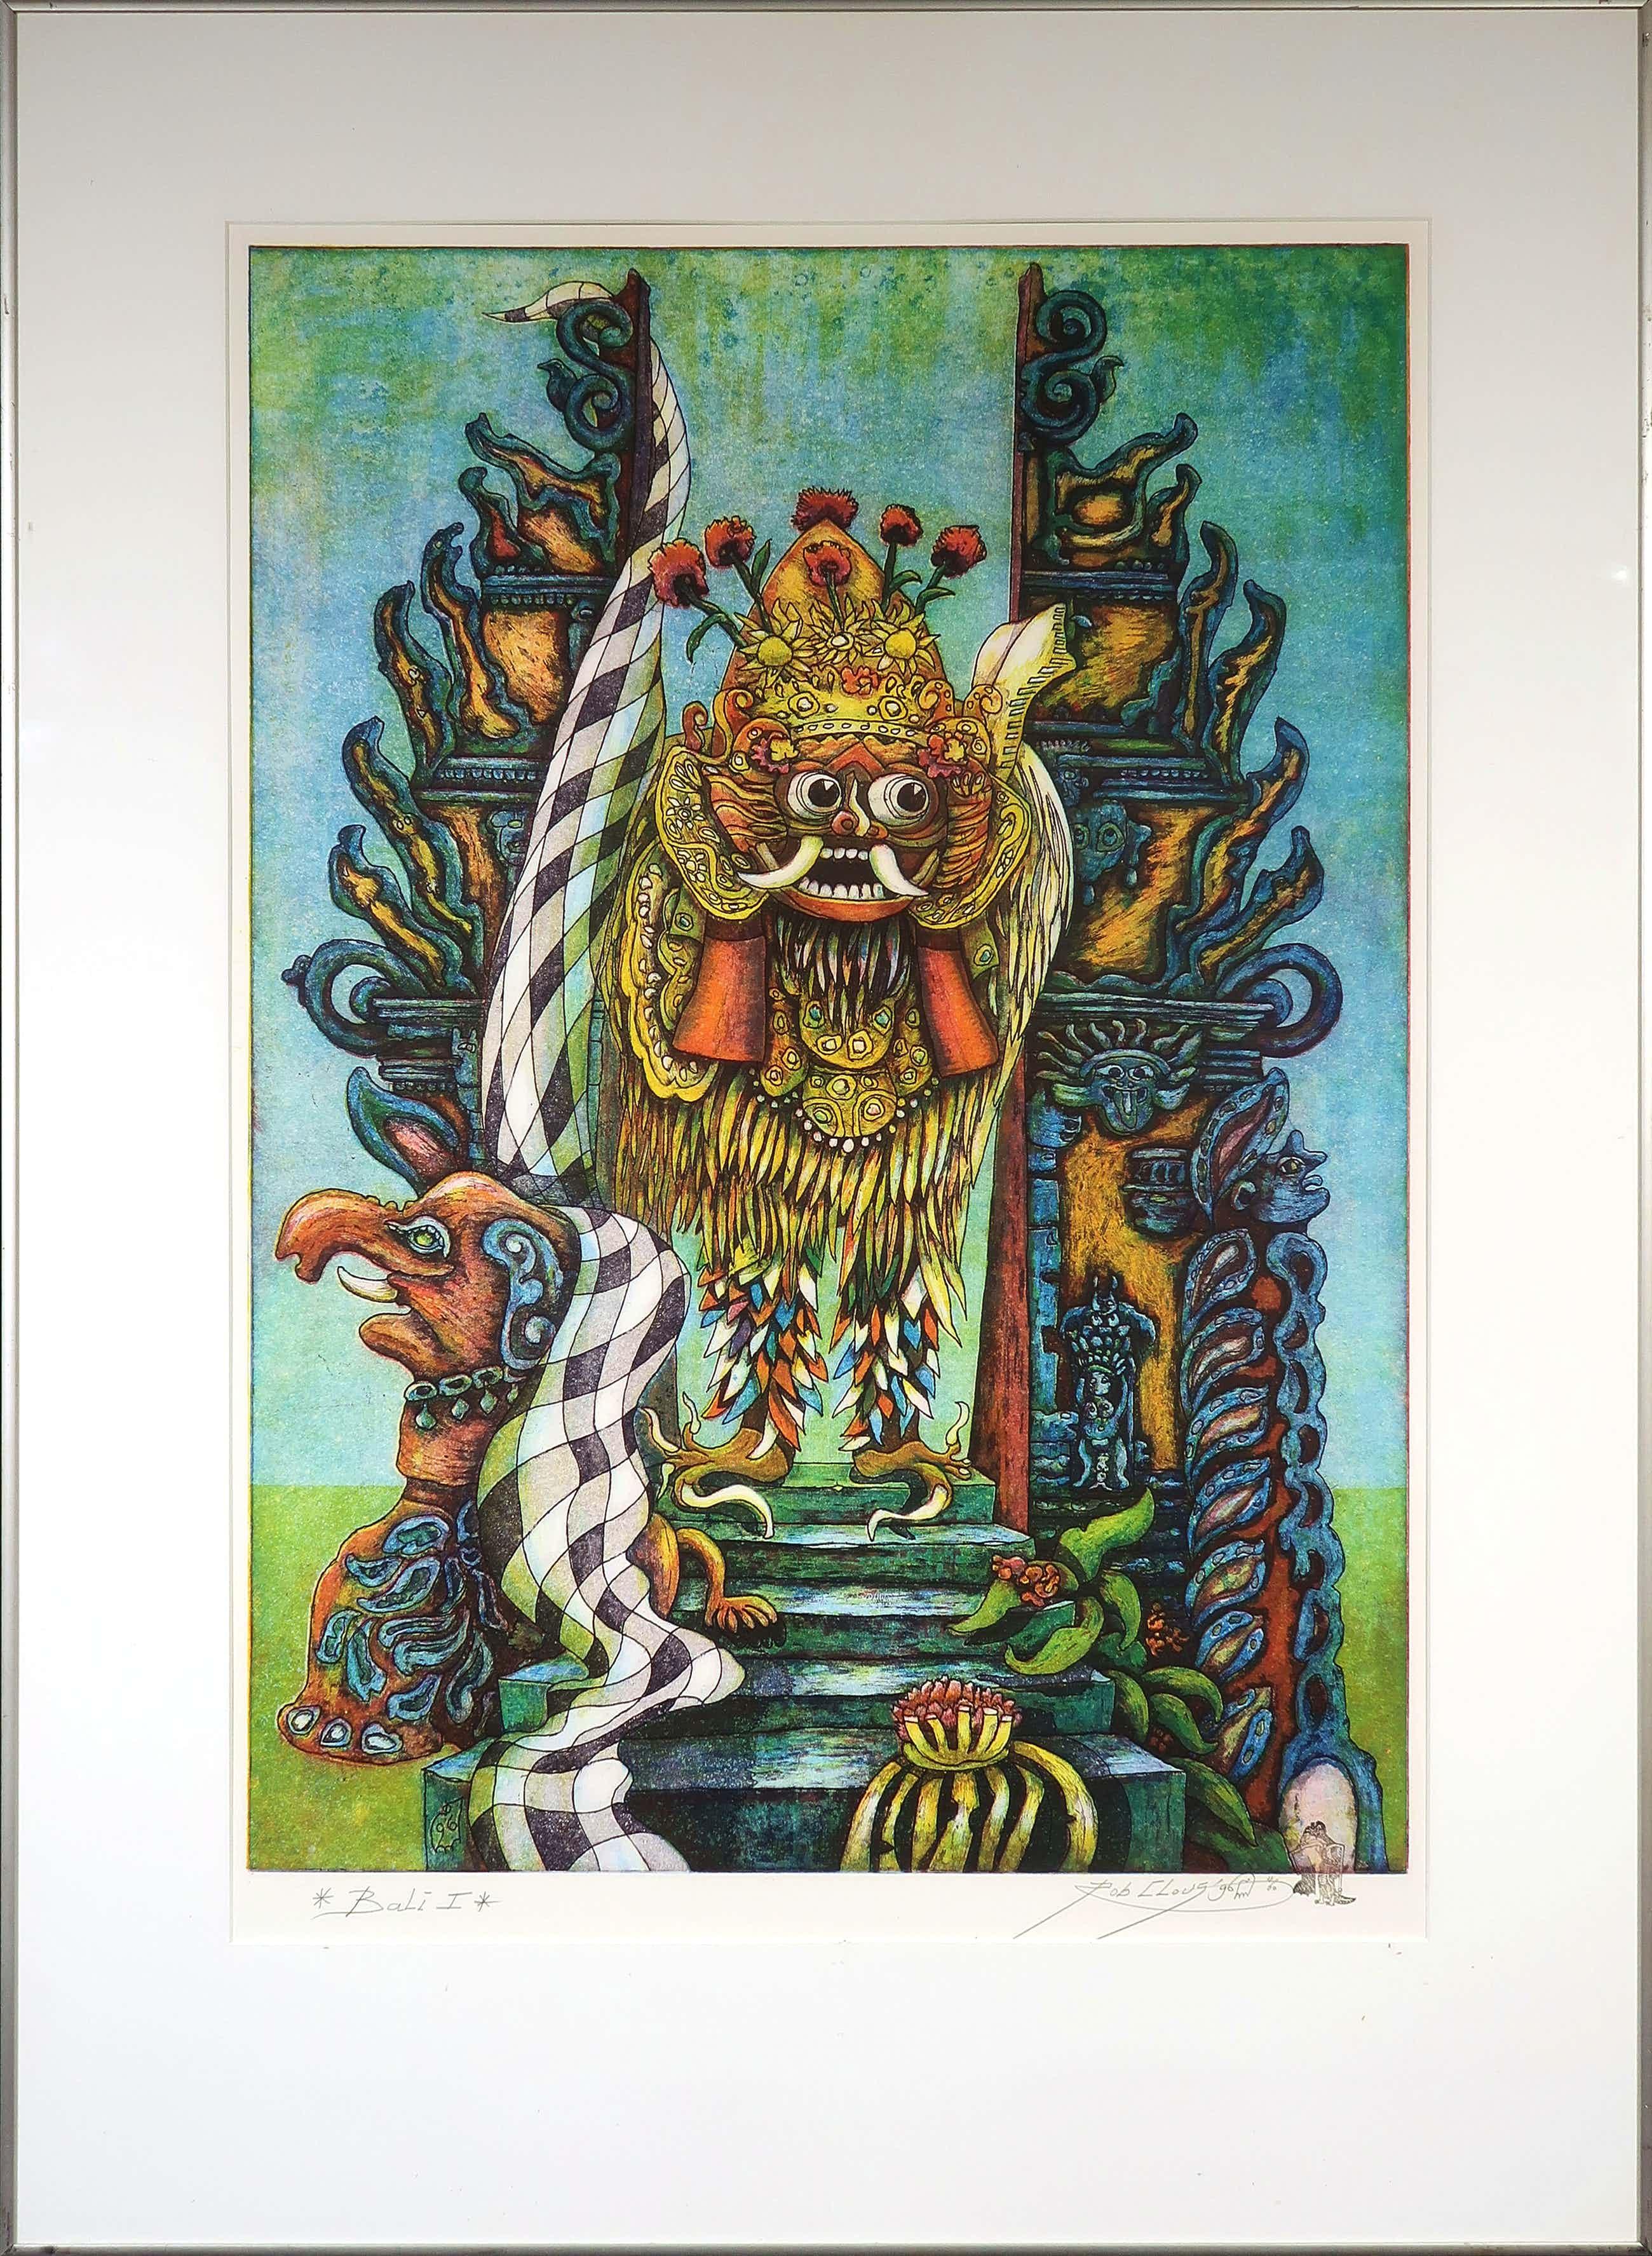 Rob Clous - Kleurenets en aquatint, Bali I - Ingelijst (Groot) kopen? Bied vanaf 35!